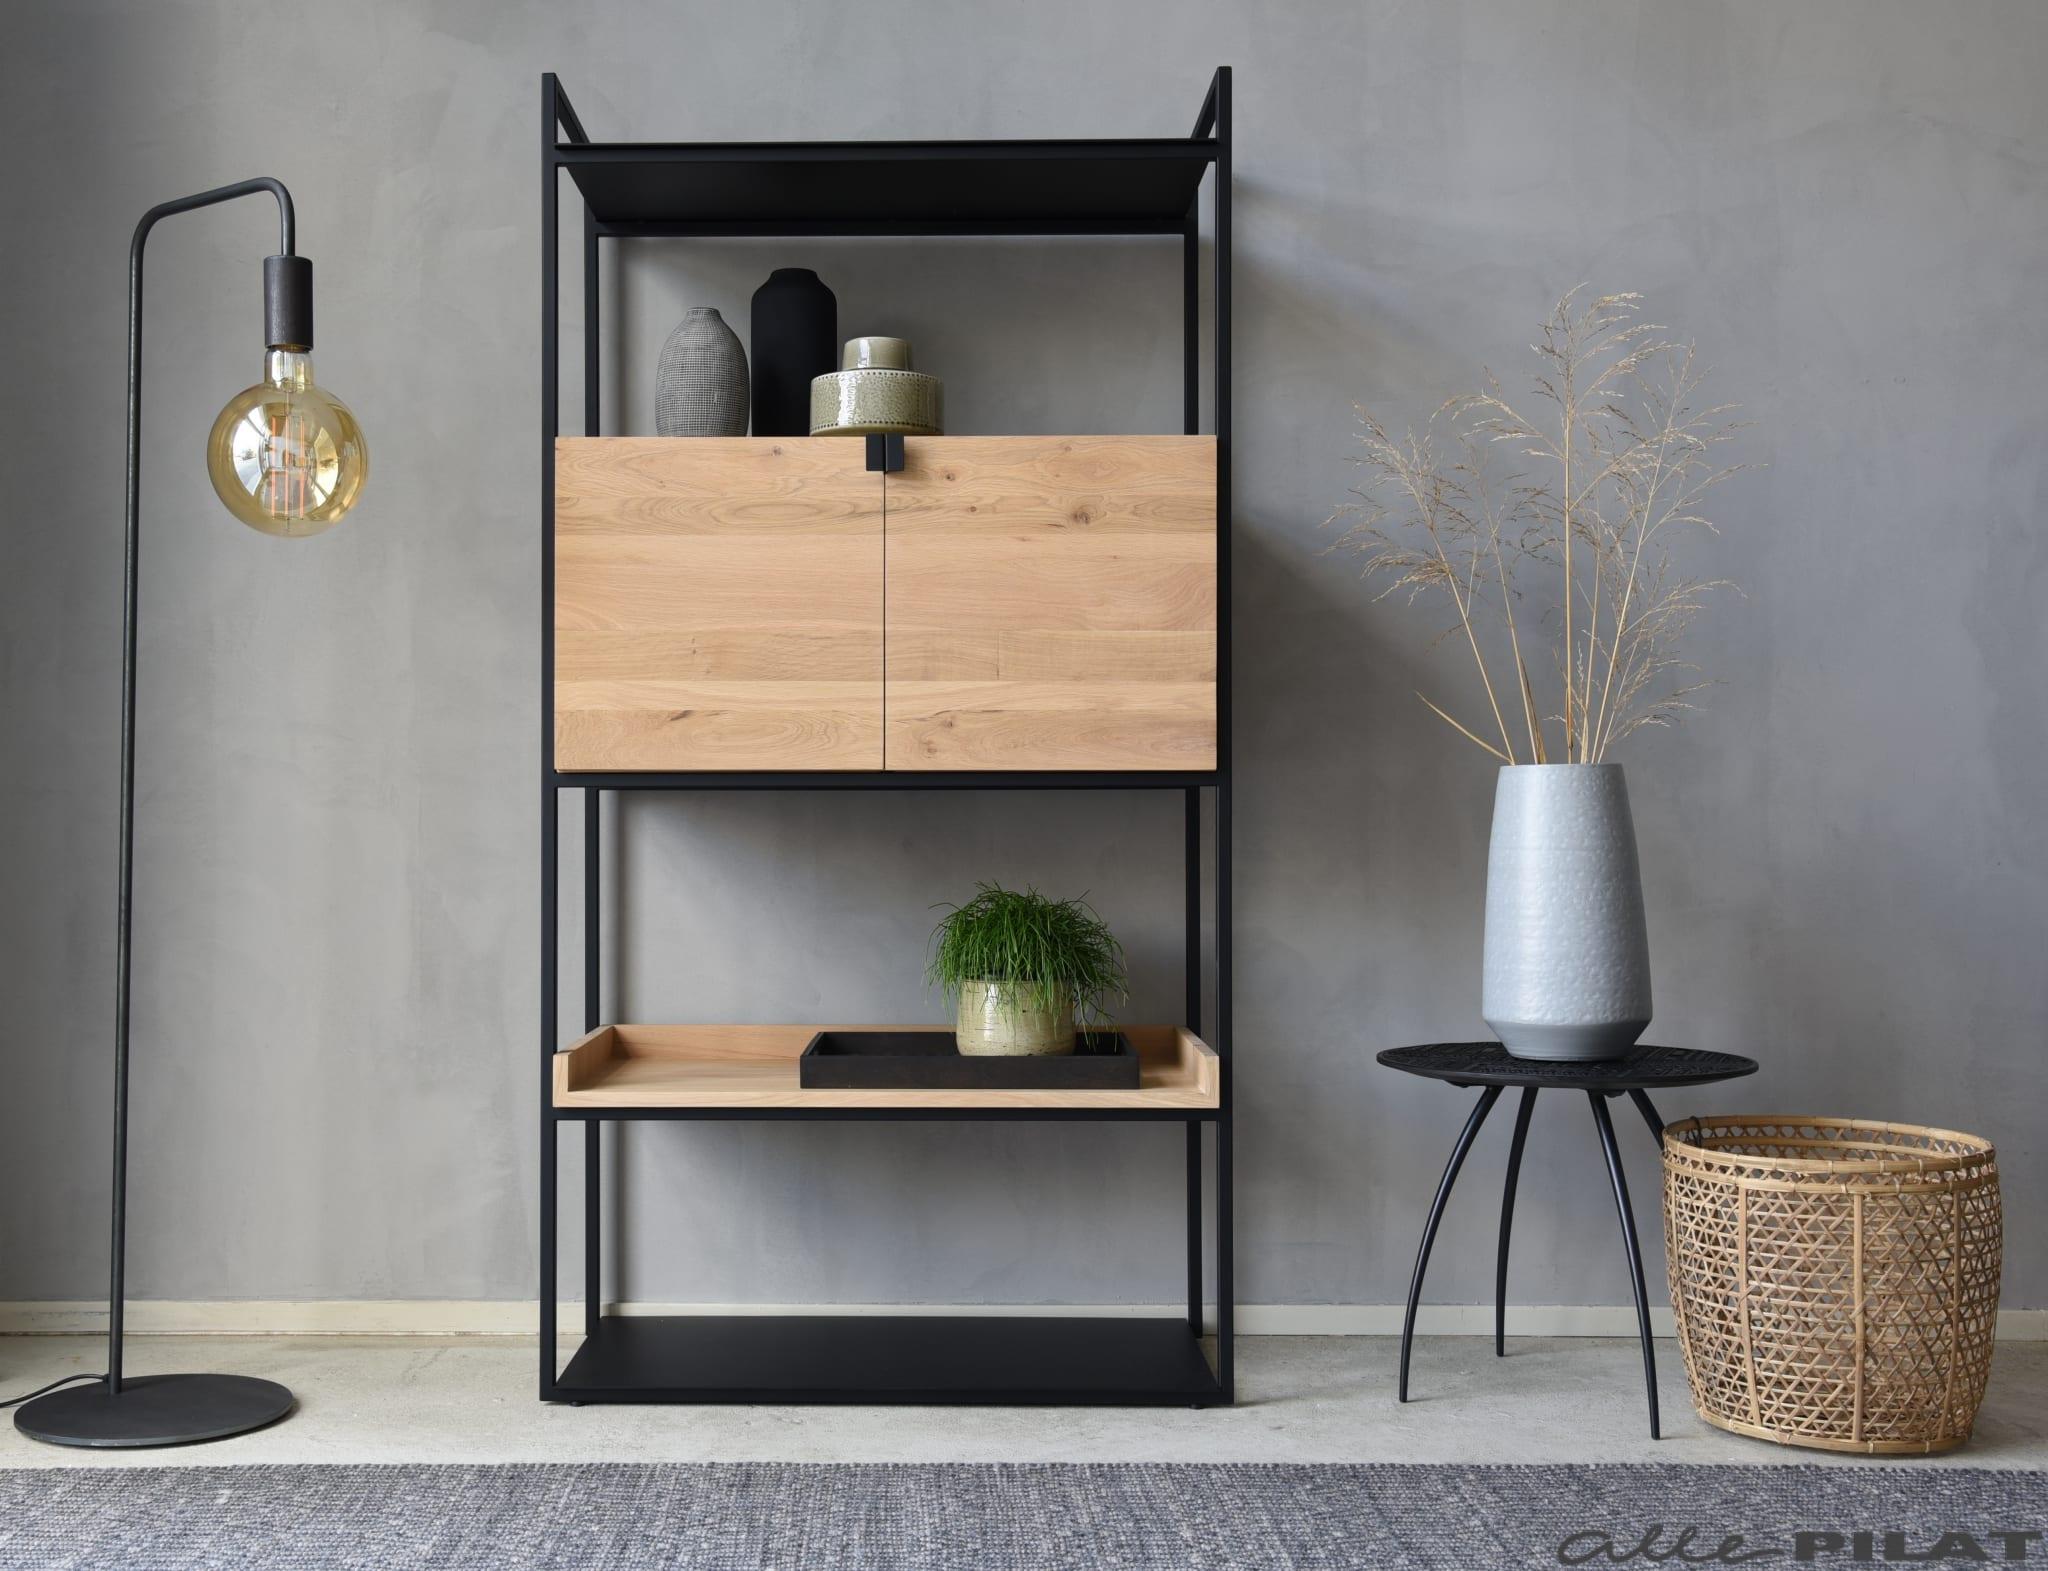 Eiken Vakken Kast Mono Met Zwart Frame Woonwinkel Alle Pilat